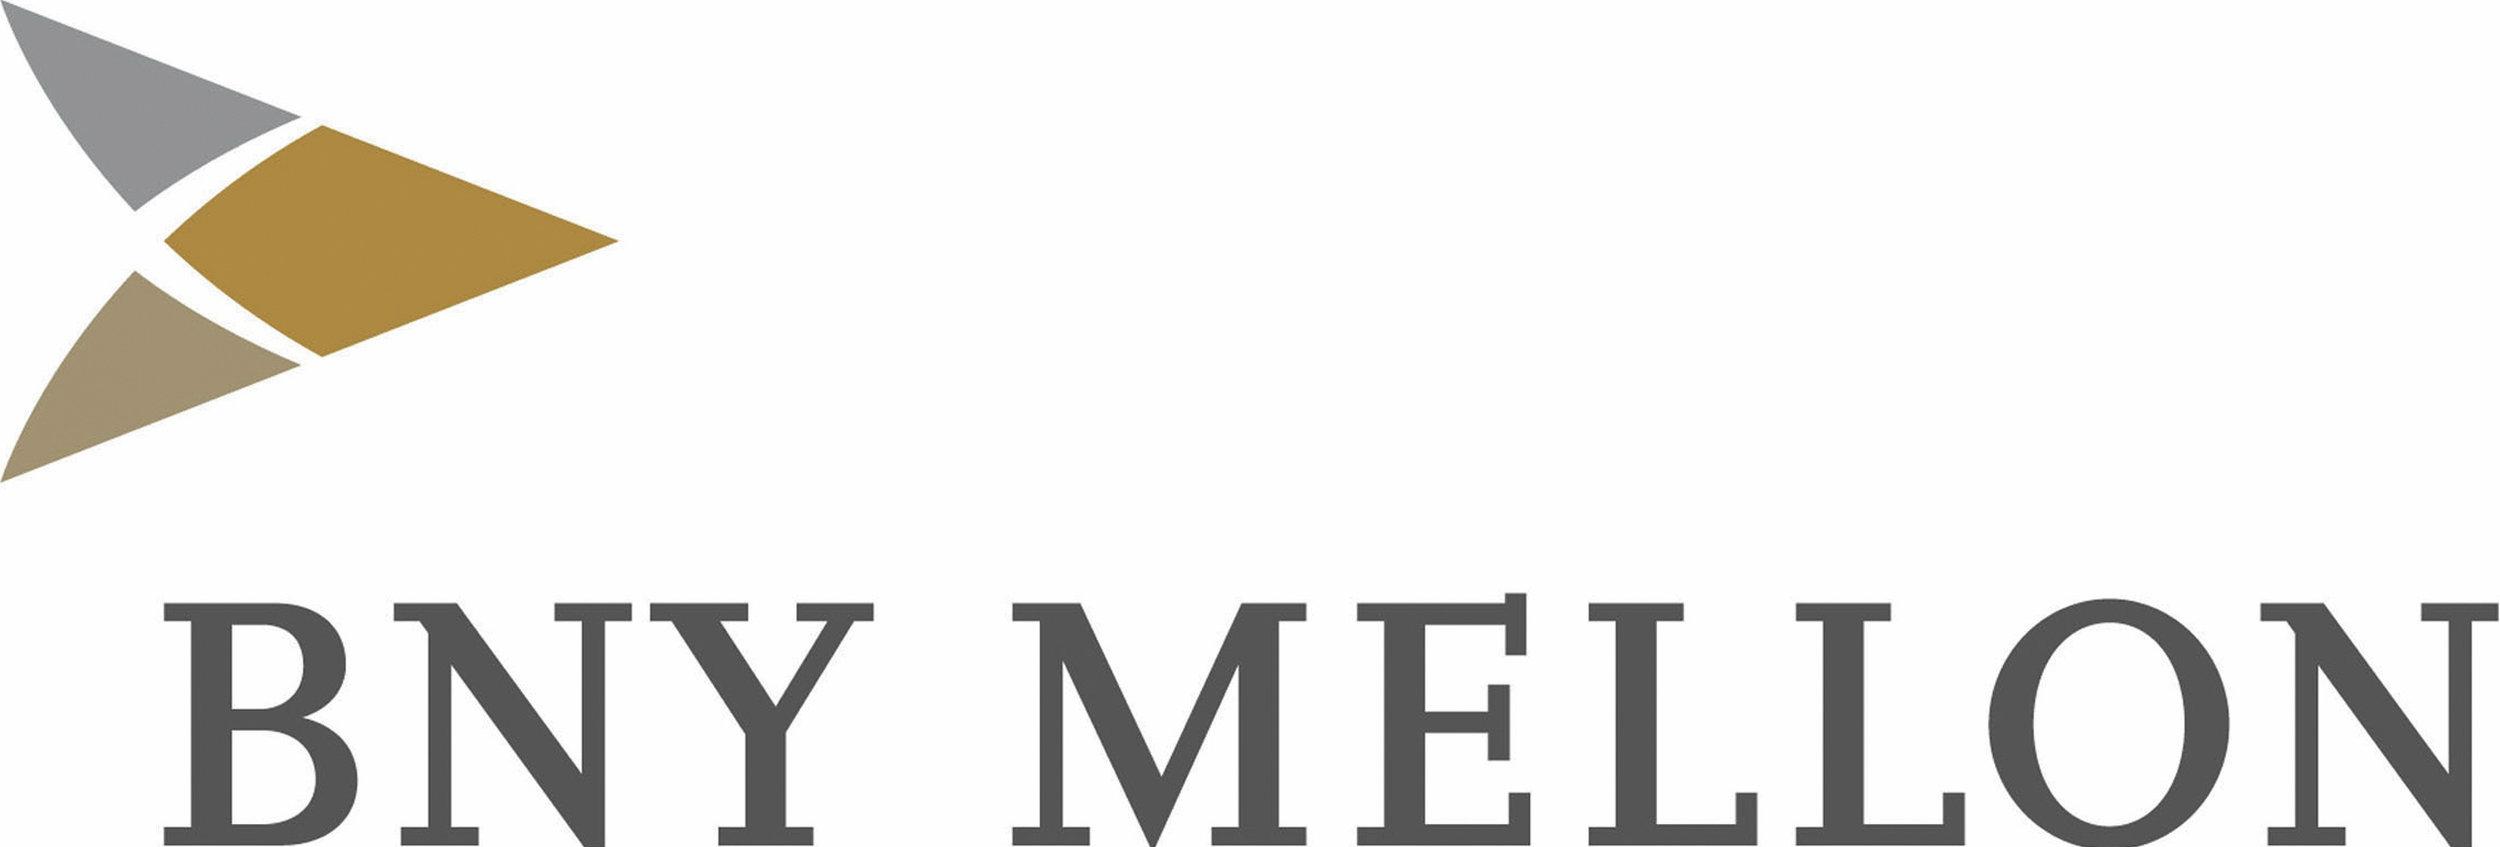 BNY Mellon.jpg